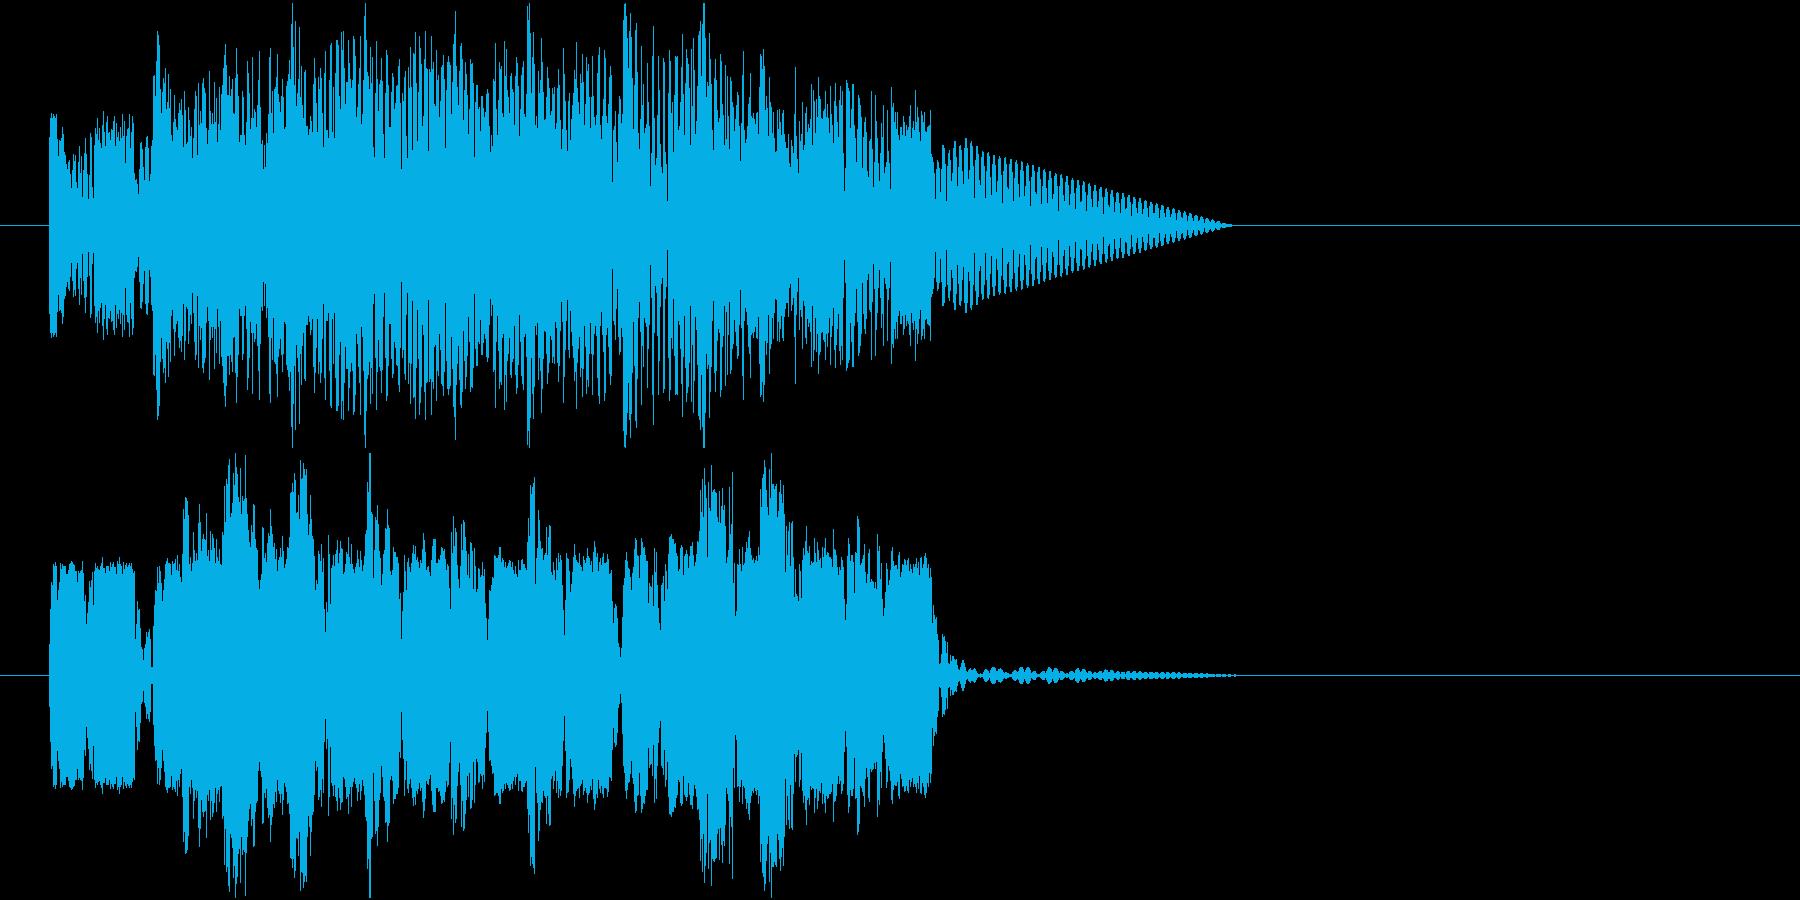 ロボットサウンド 機械音(ピコピコピコ)の再生済みの波形